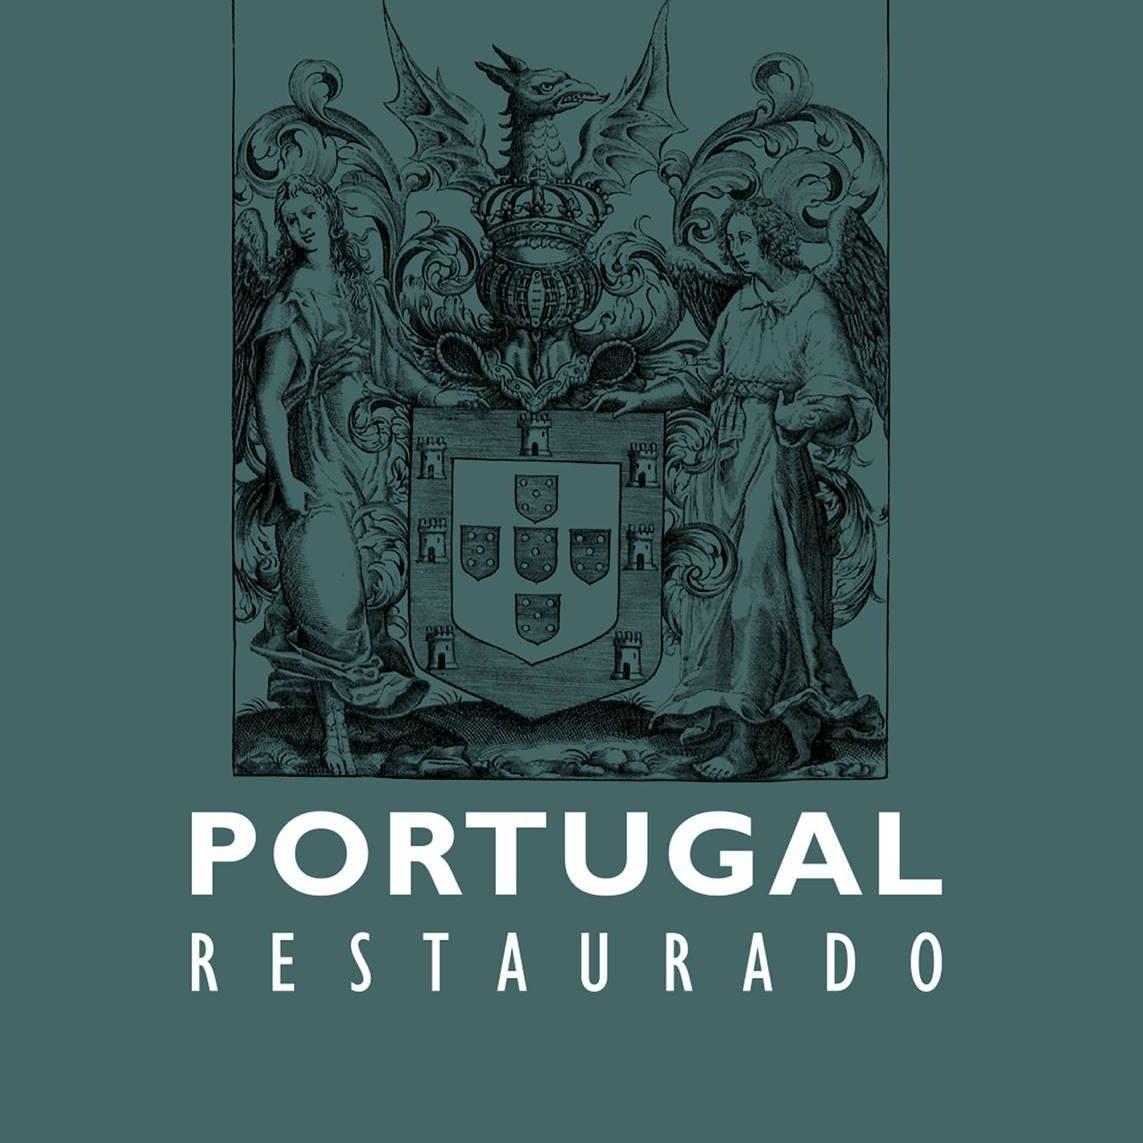 Portugal Restaurado